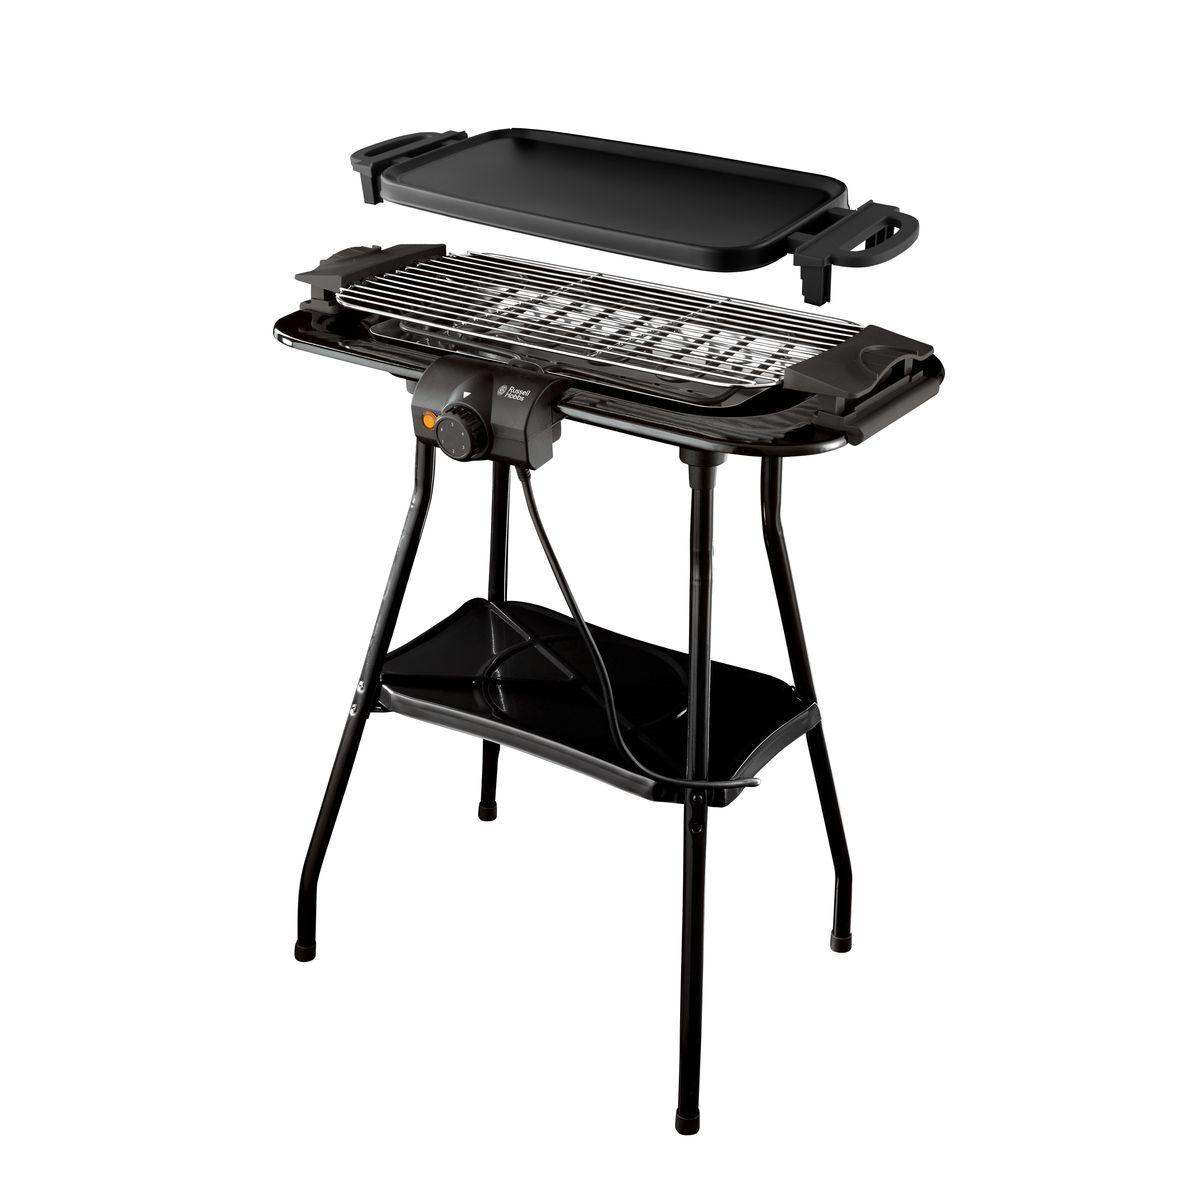 Barbecue 3 en1 20950-56 - Noir